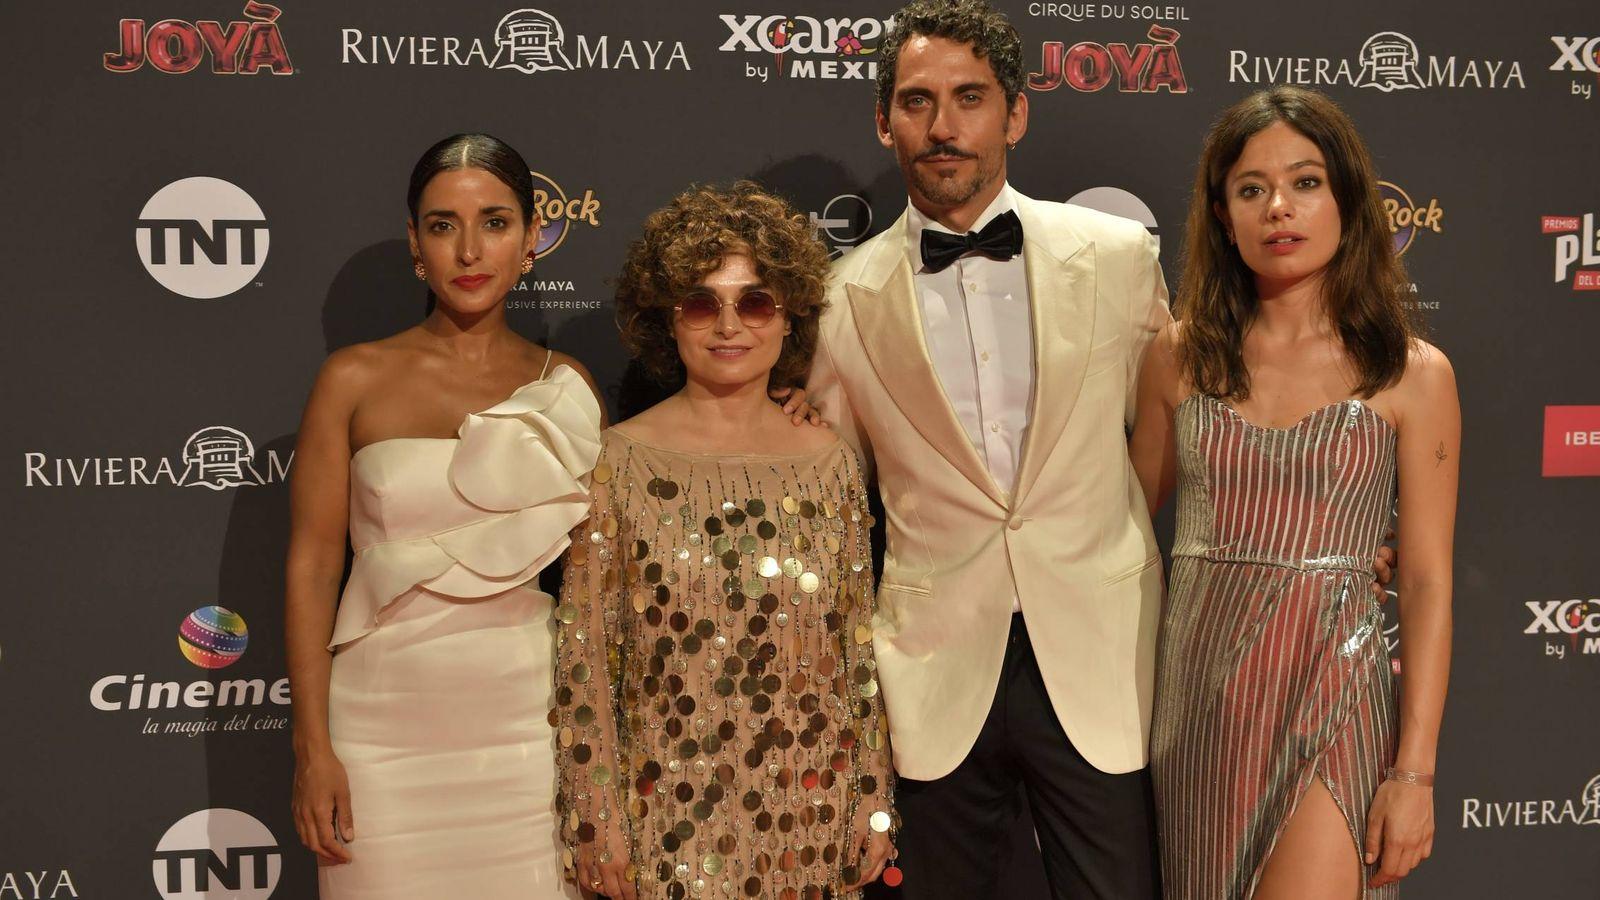 Foto: Inma Cuesta, Anna R Costa, Paco León y Anna Castillo. (Cordon Press)